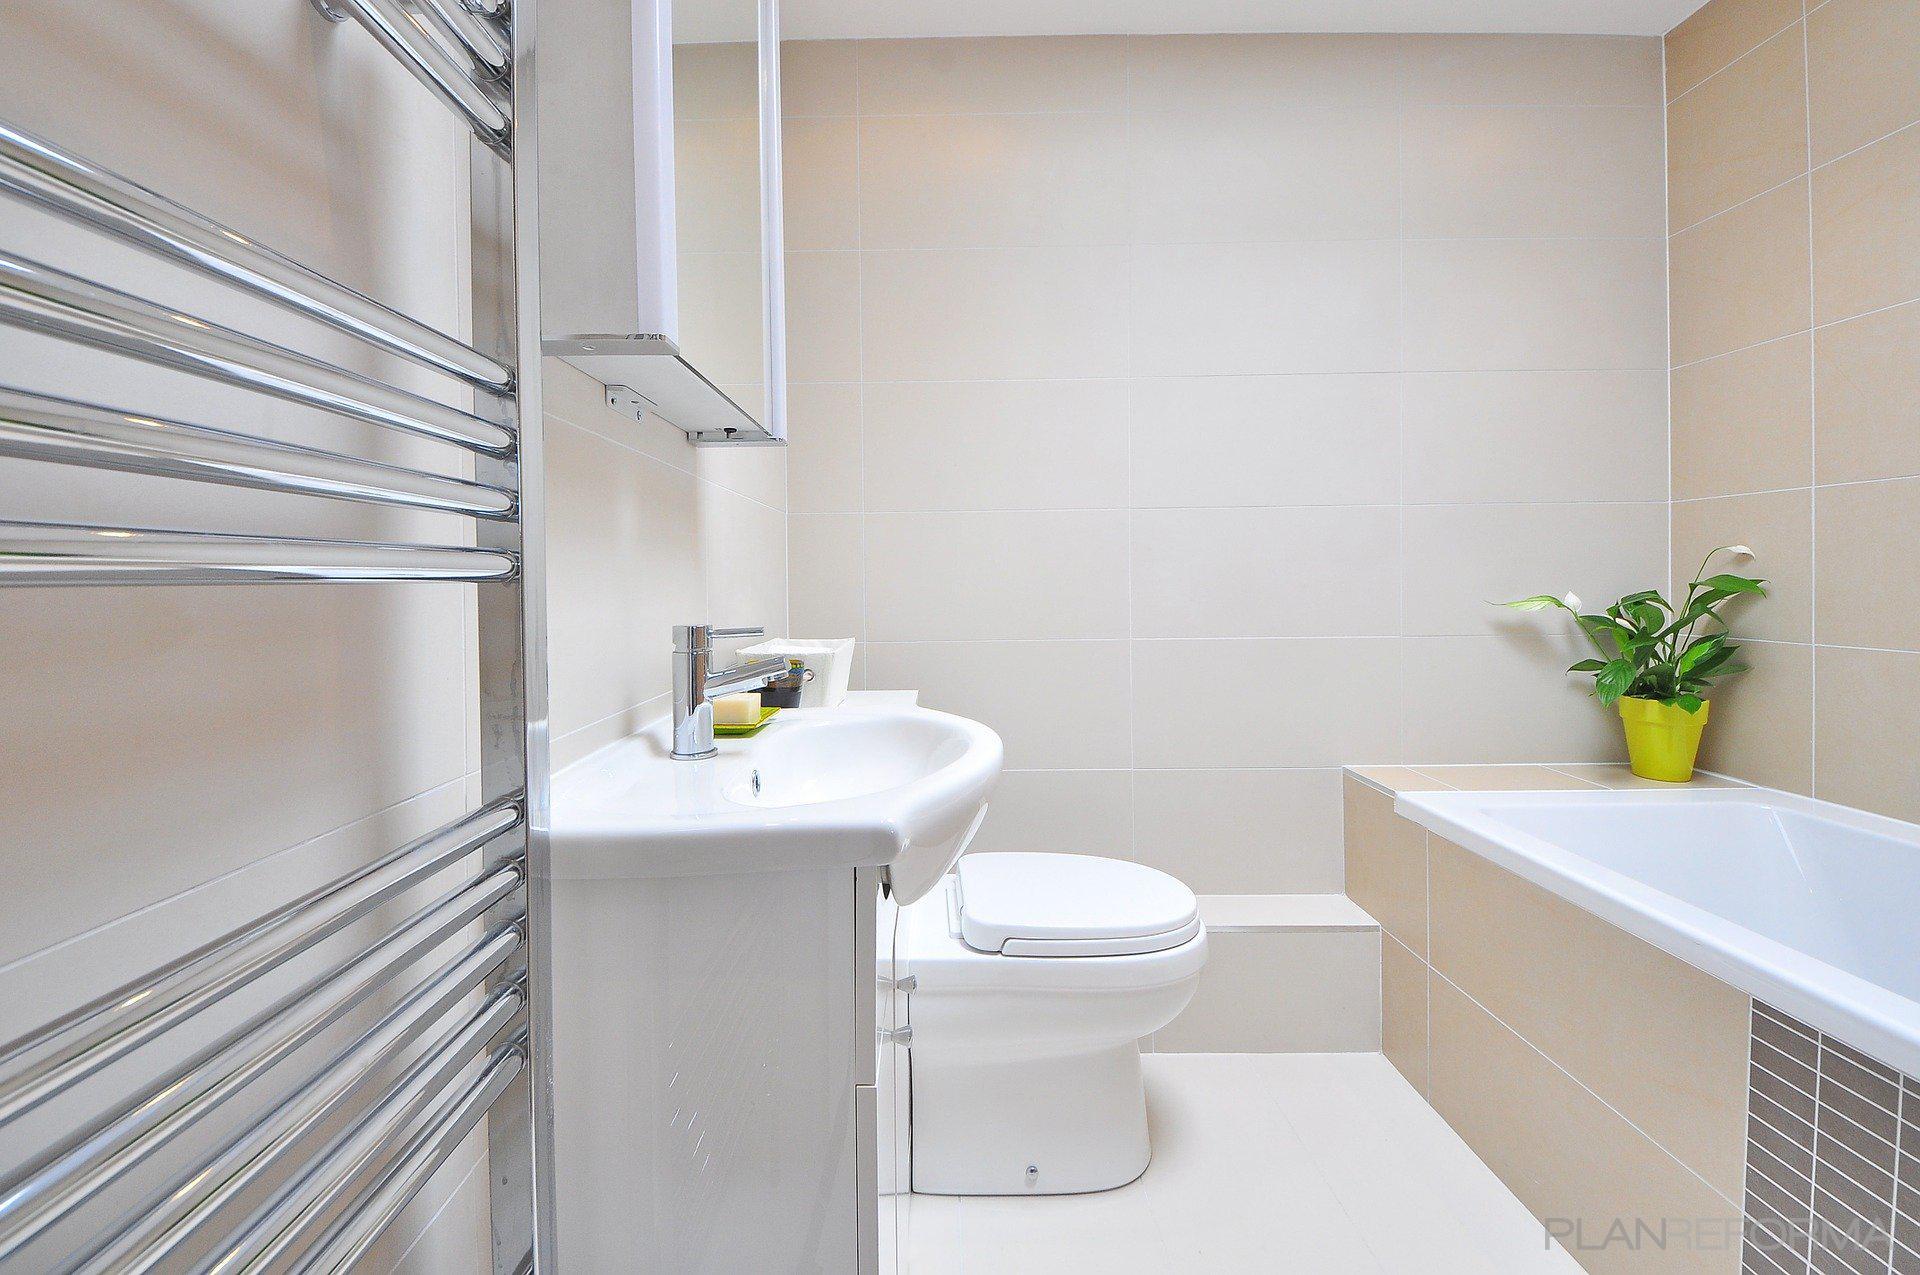 Baño Estilo moderno Color beige, blanco  diseñado por JOTPRO S.L. | Gremio | Copyright Jot Pro